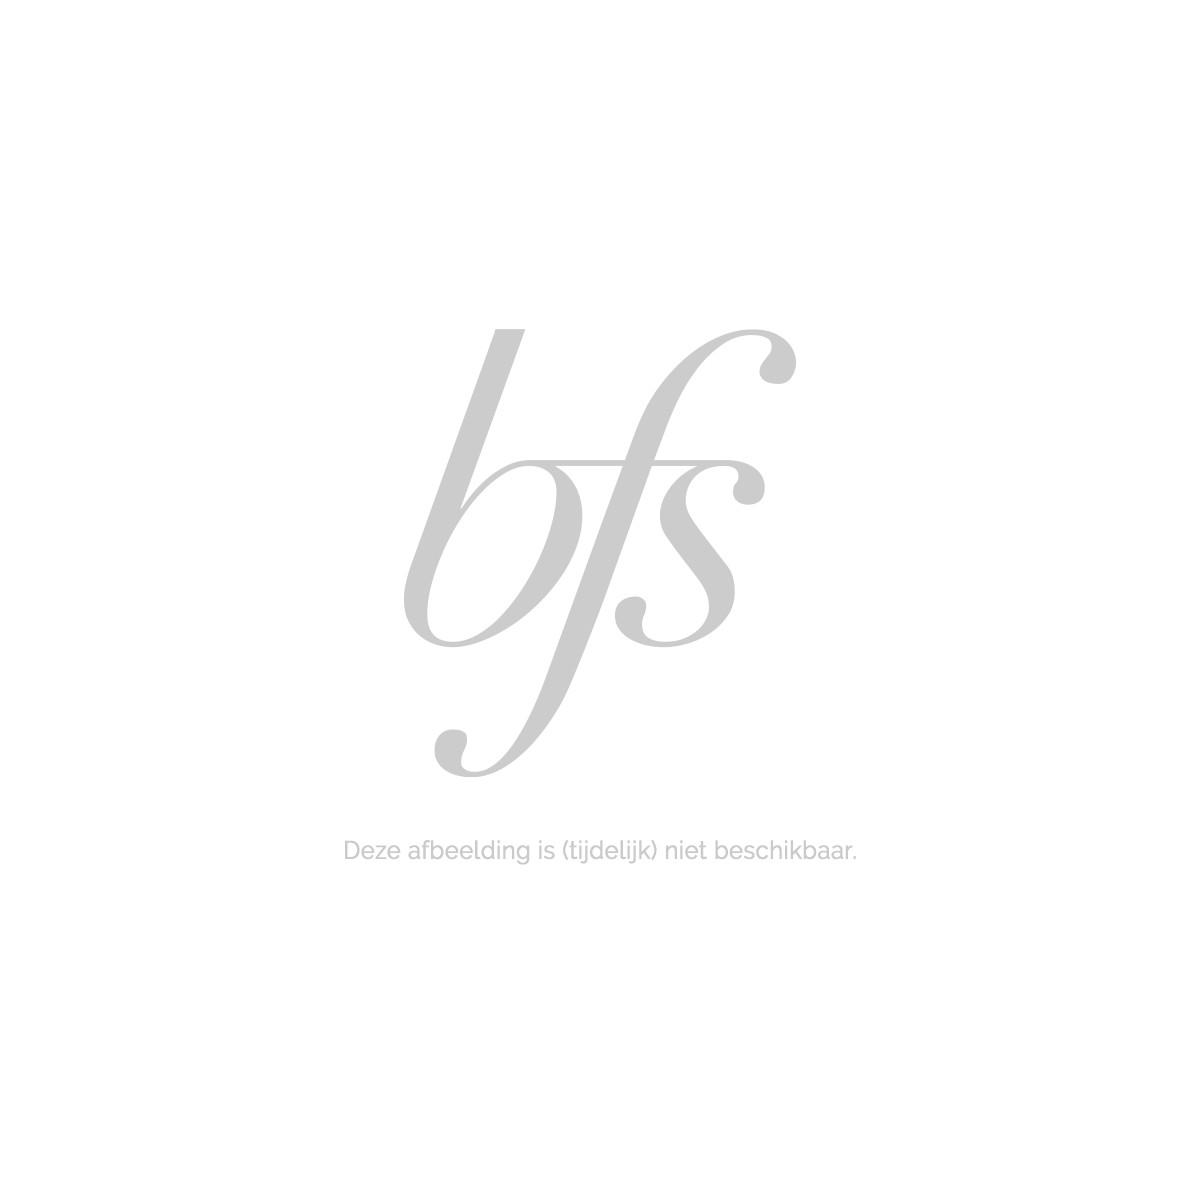 Combideal The Brush Lidschattenpinsel + The Tweezer Slant Silver